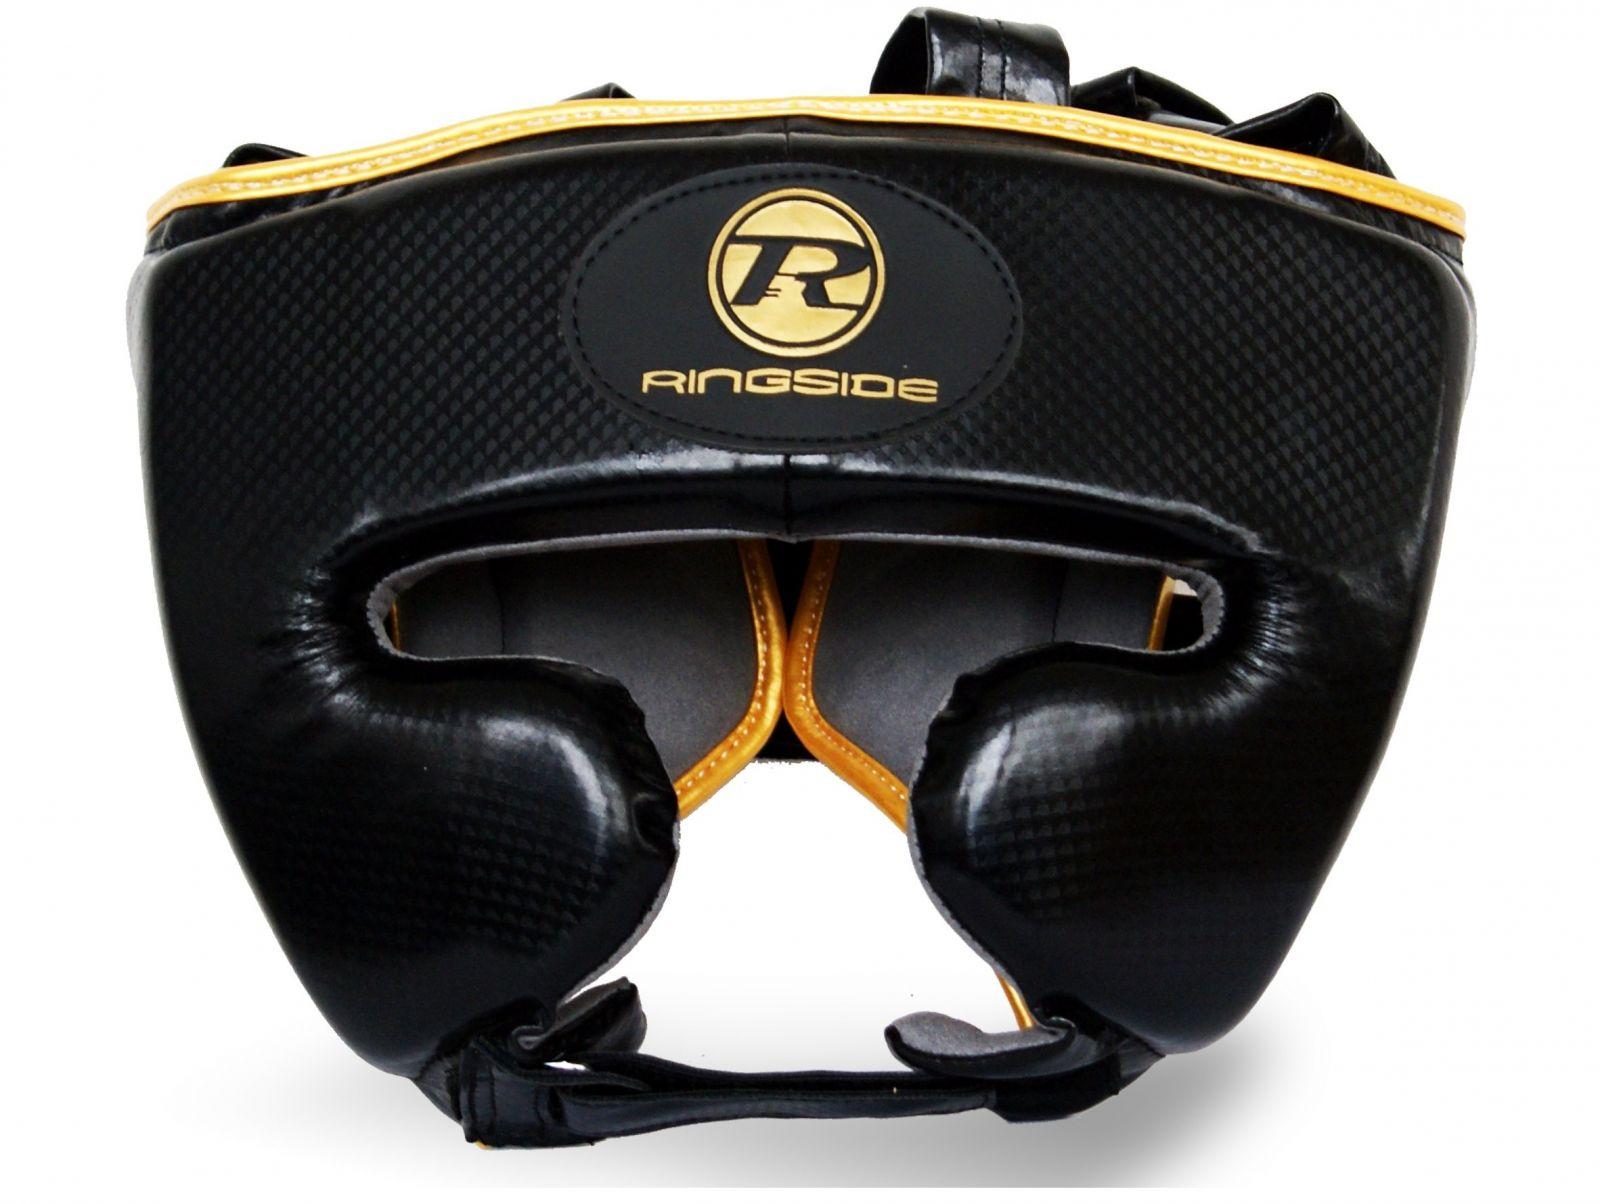 RINGSIDE Helma Pro Fitness (M) - černá metal/zlatá